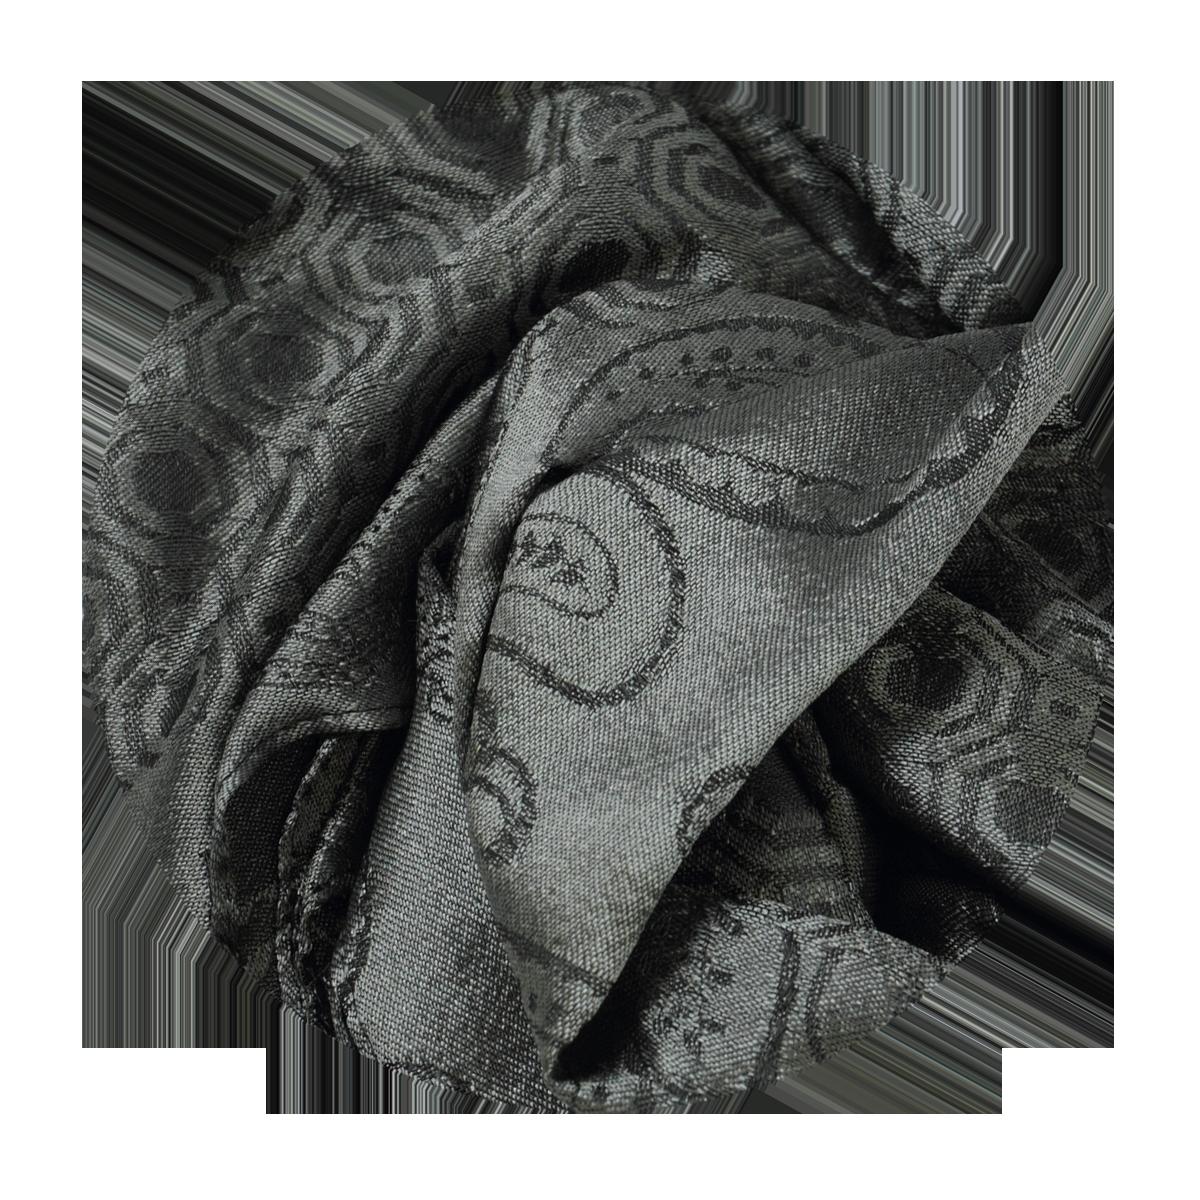 240fe82a46c Echarpe Grise tissée en soie pour Homme - classique et intemporelle